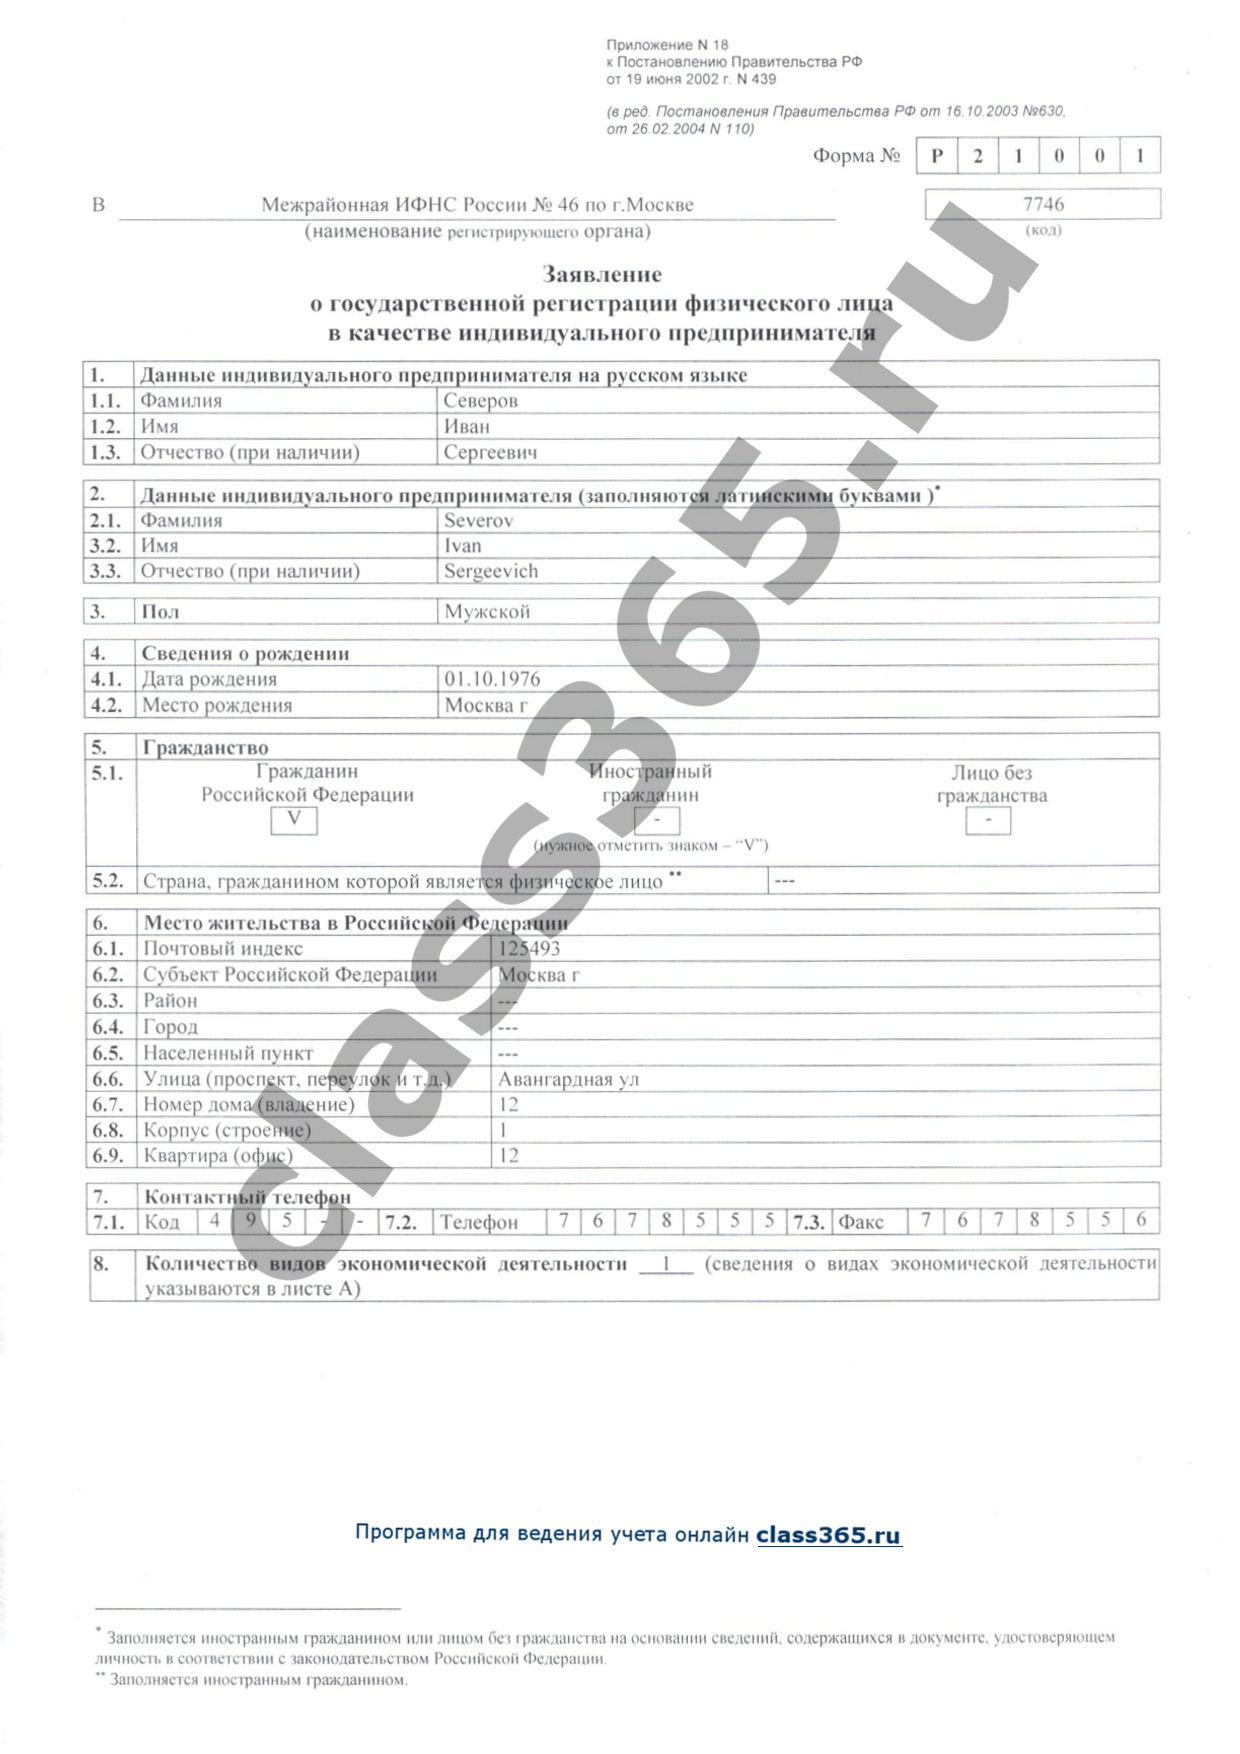 образец заявления о государственной регистрации ооо